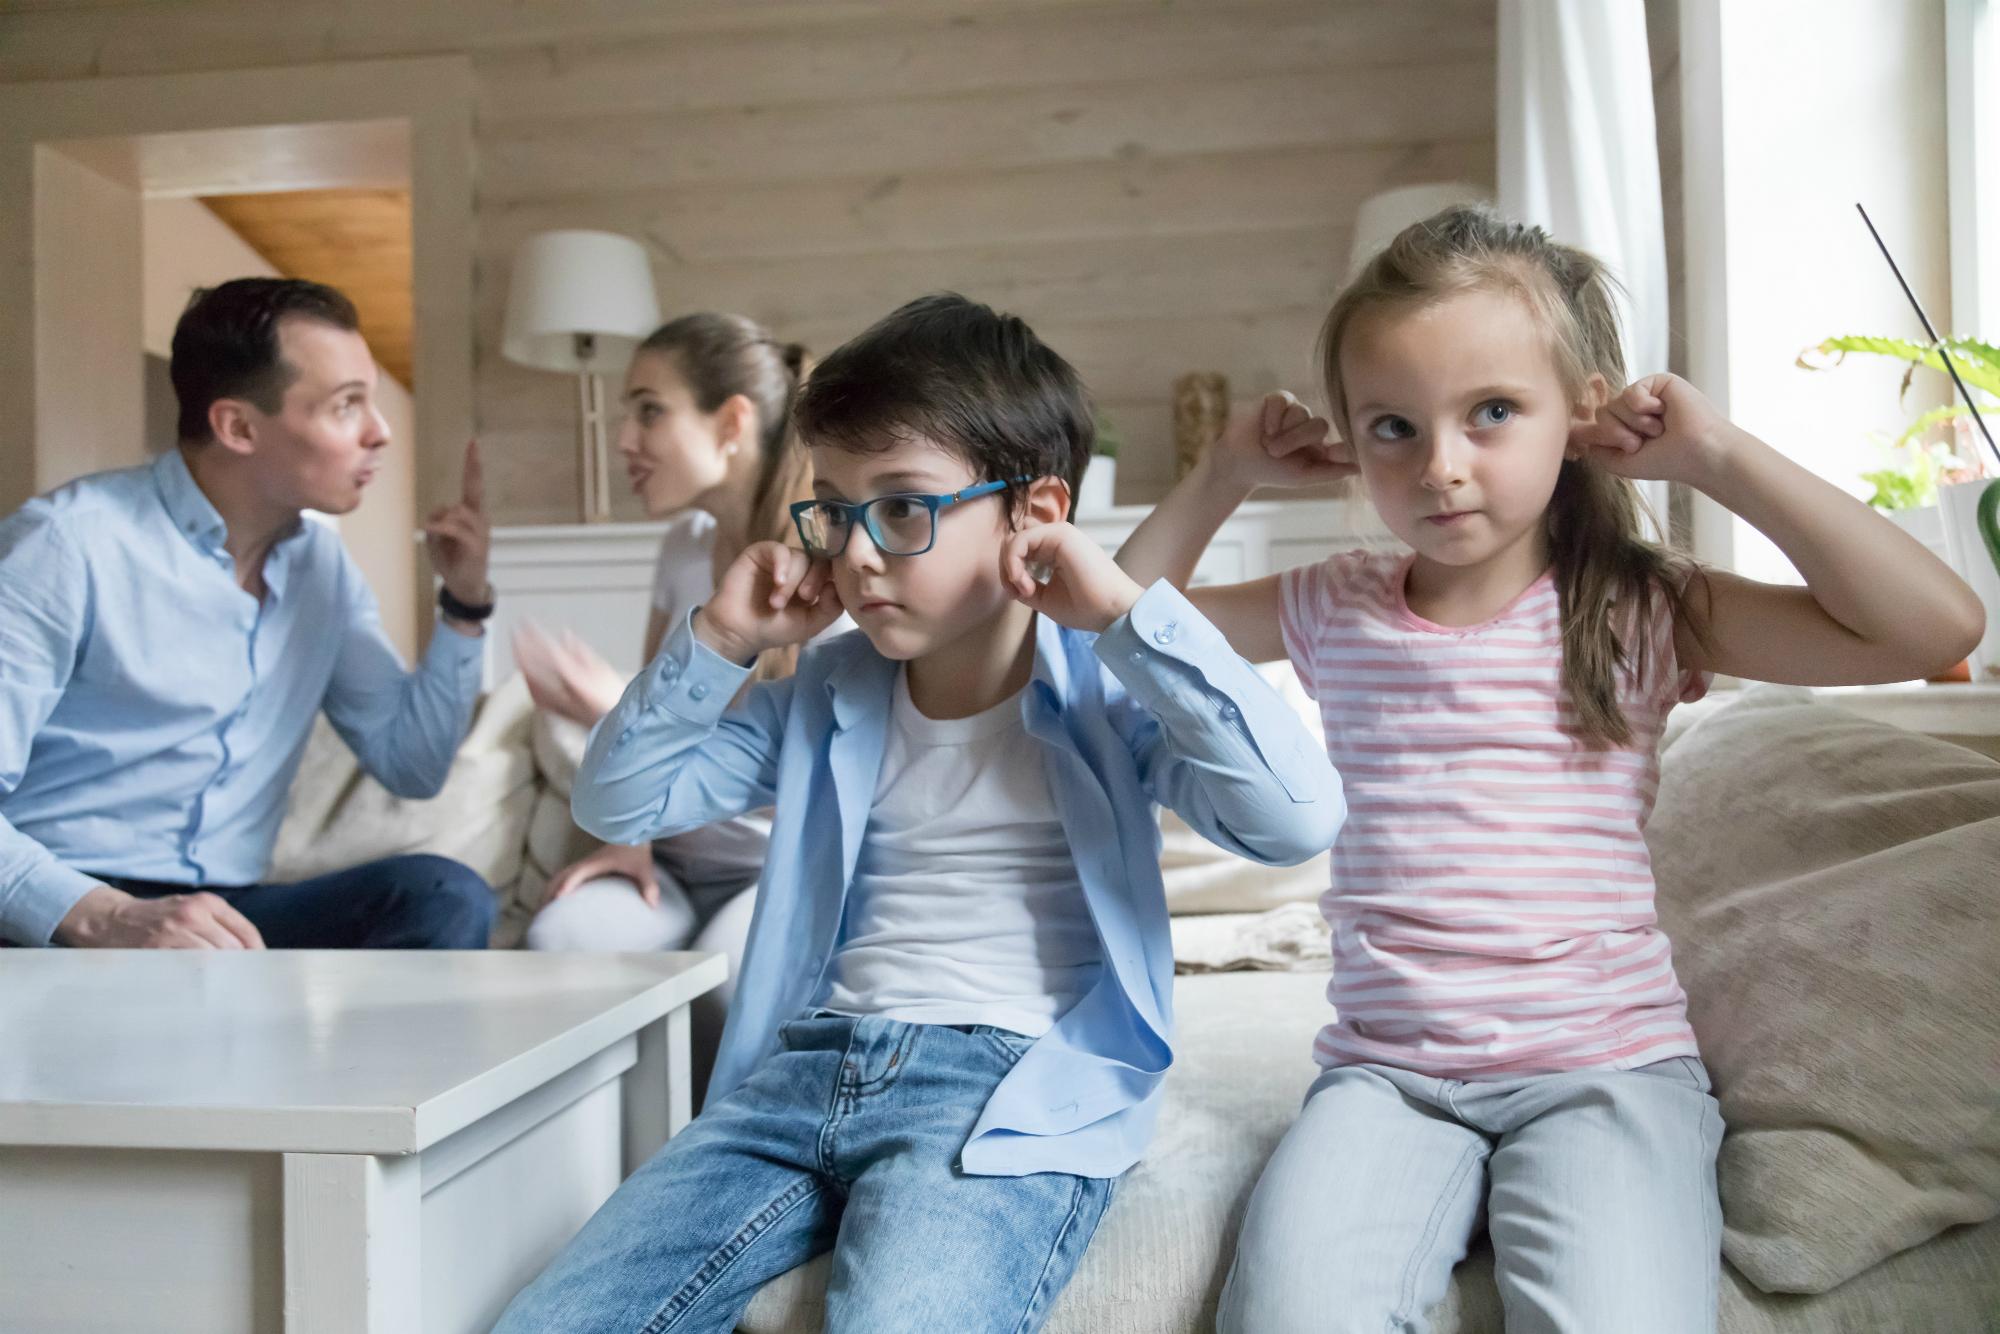 Dzieci mogą odczuć ulgę po rozstaniu rodziców, bo skończą się kłótnie (fot: Shutterstoco.com)